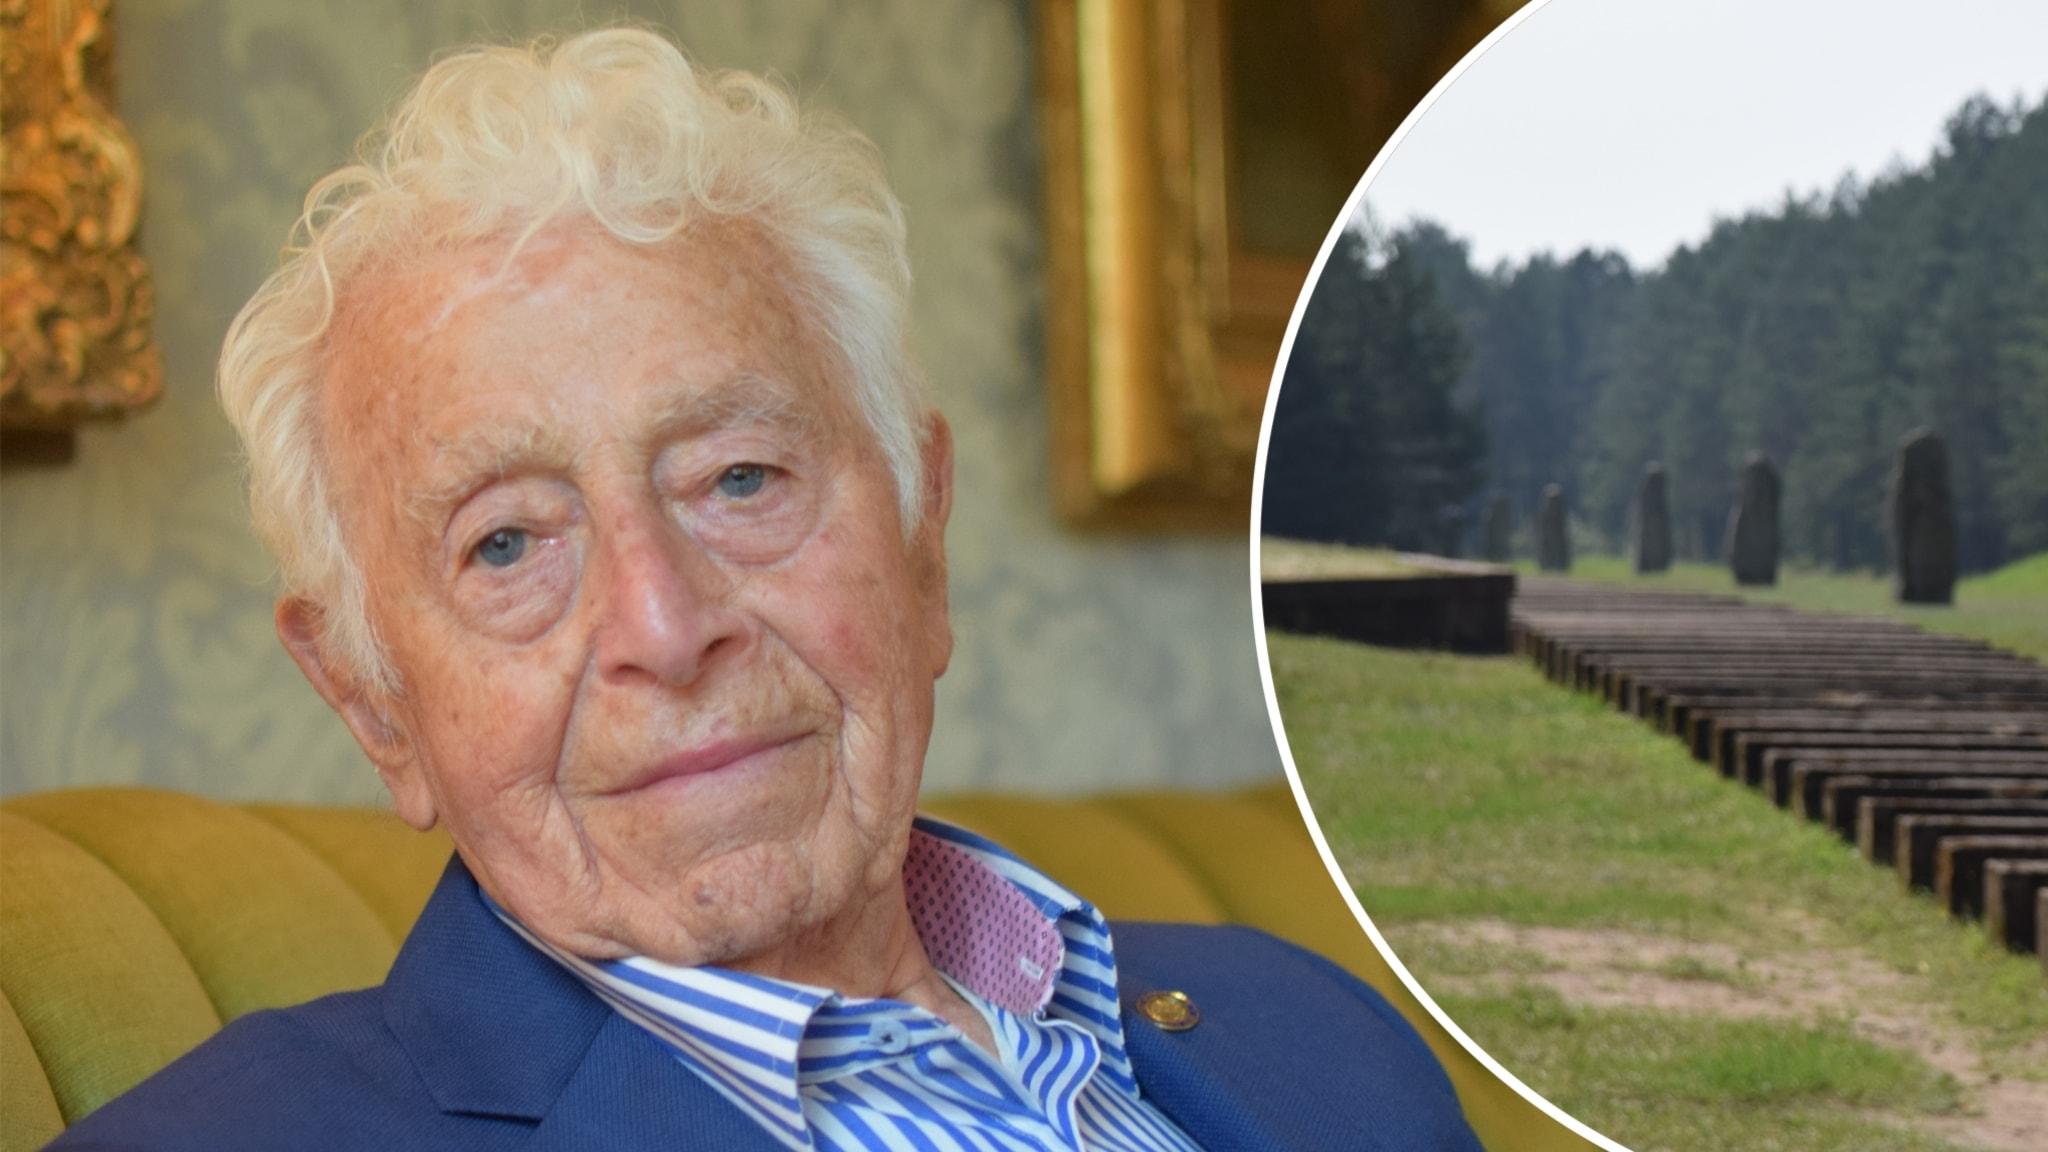 Leon Rytz, 91 år, vistades i Treblinka under vintern 1942-43. Han är en av ytterst få som finns kvar som kom levande ut från dödslägret.